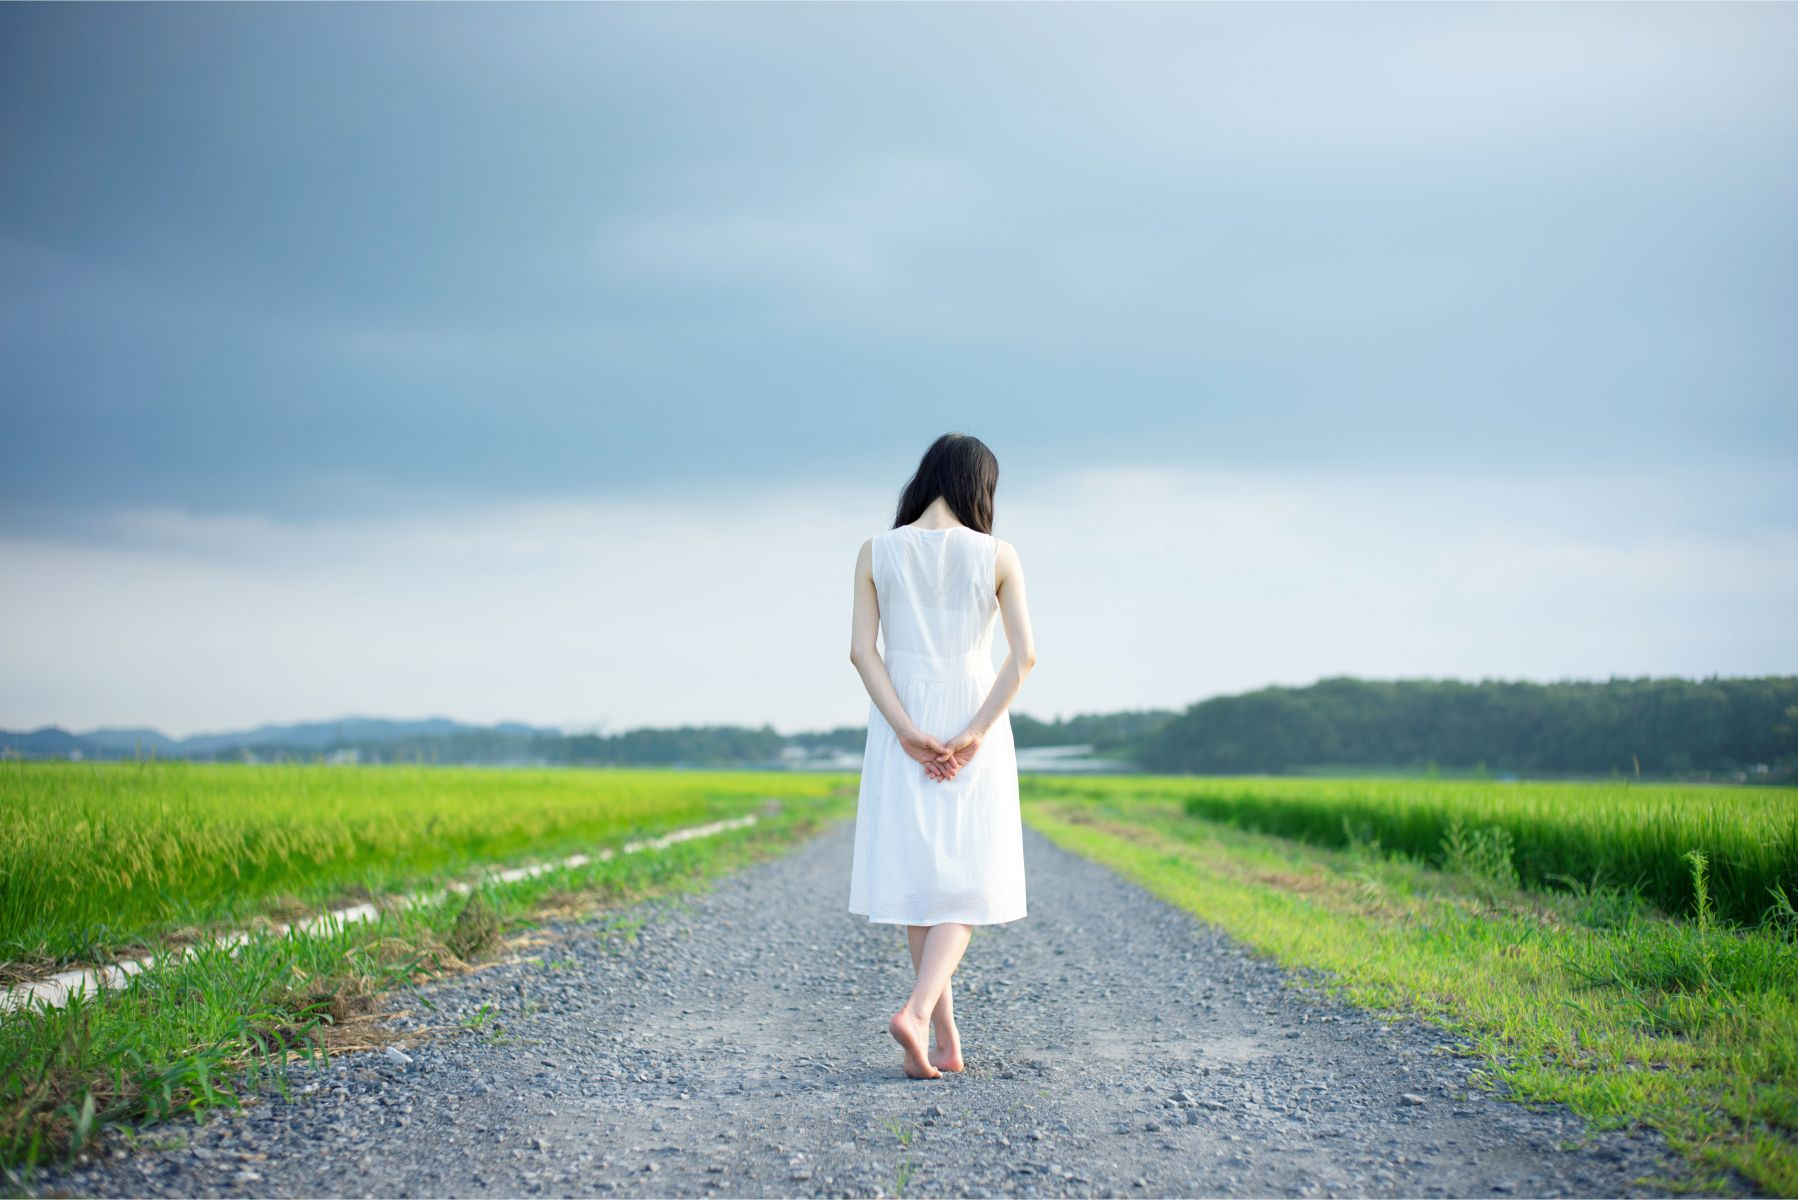 女人的自信是溫柔的力量,不需高傲更不必逞強!懂得取捨,是一種成熟,更是一種智慧